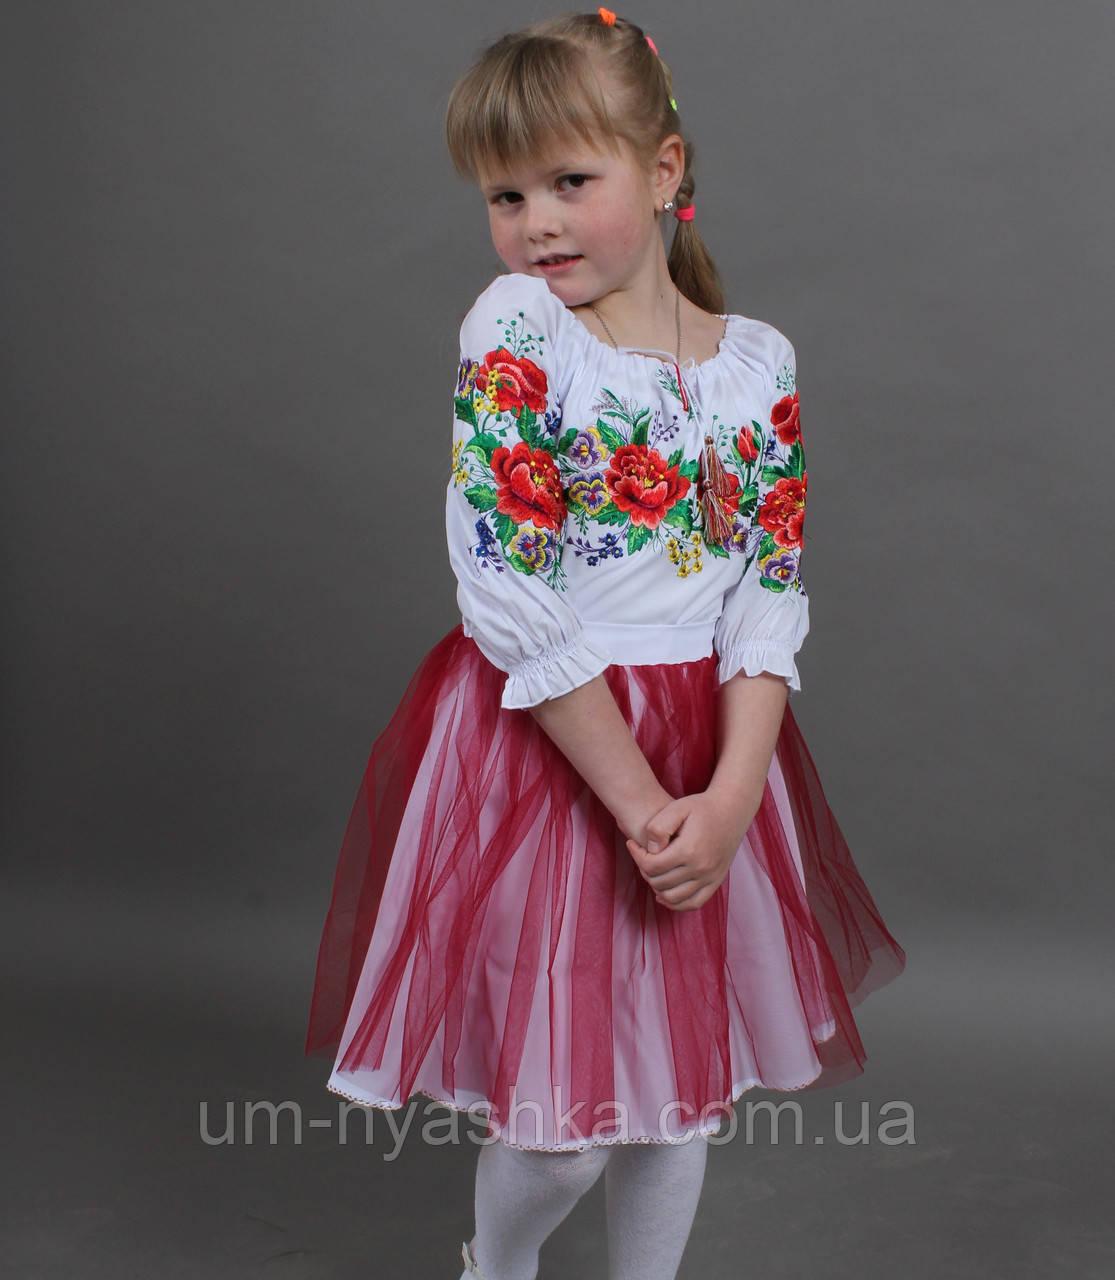 """Дитяча блузка з вишивкою - вишиванка """"Ладочка"""""""